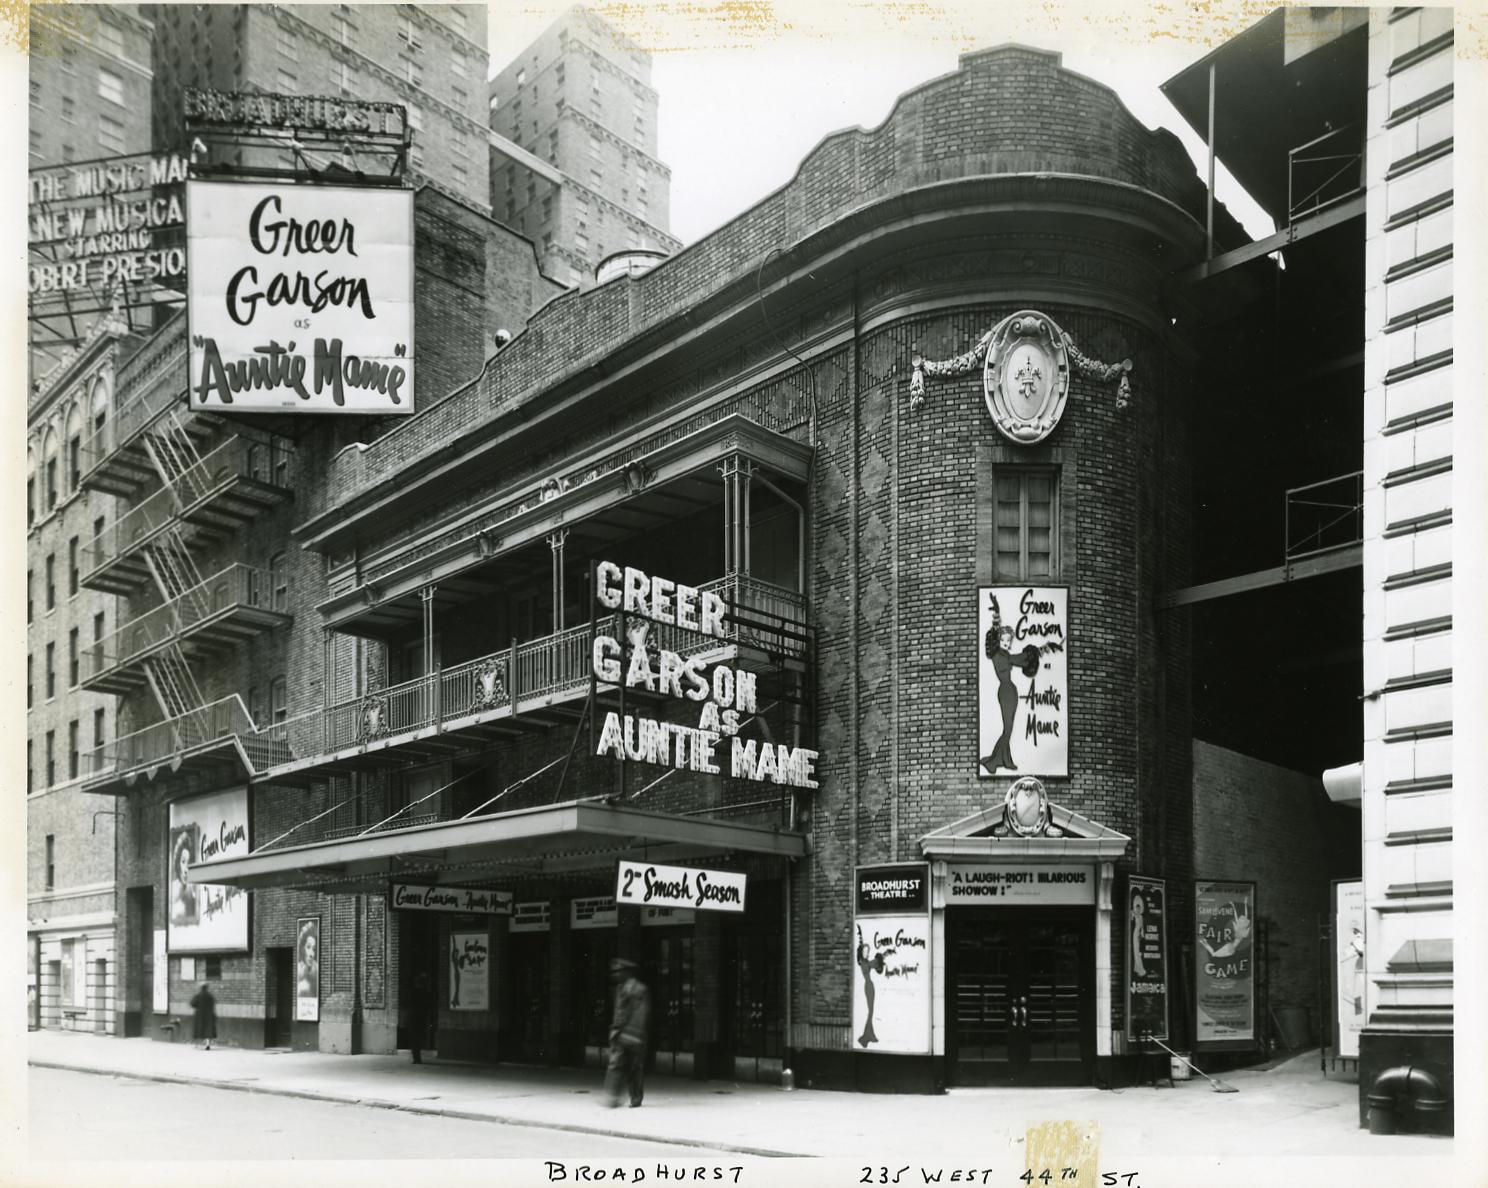 Broadhurst Theatre Shubert Organization